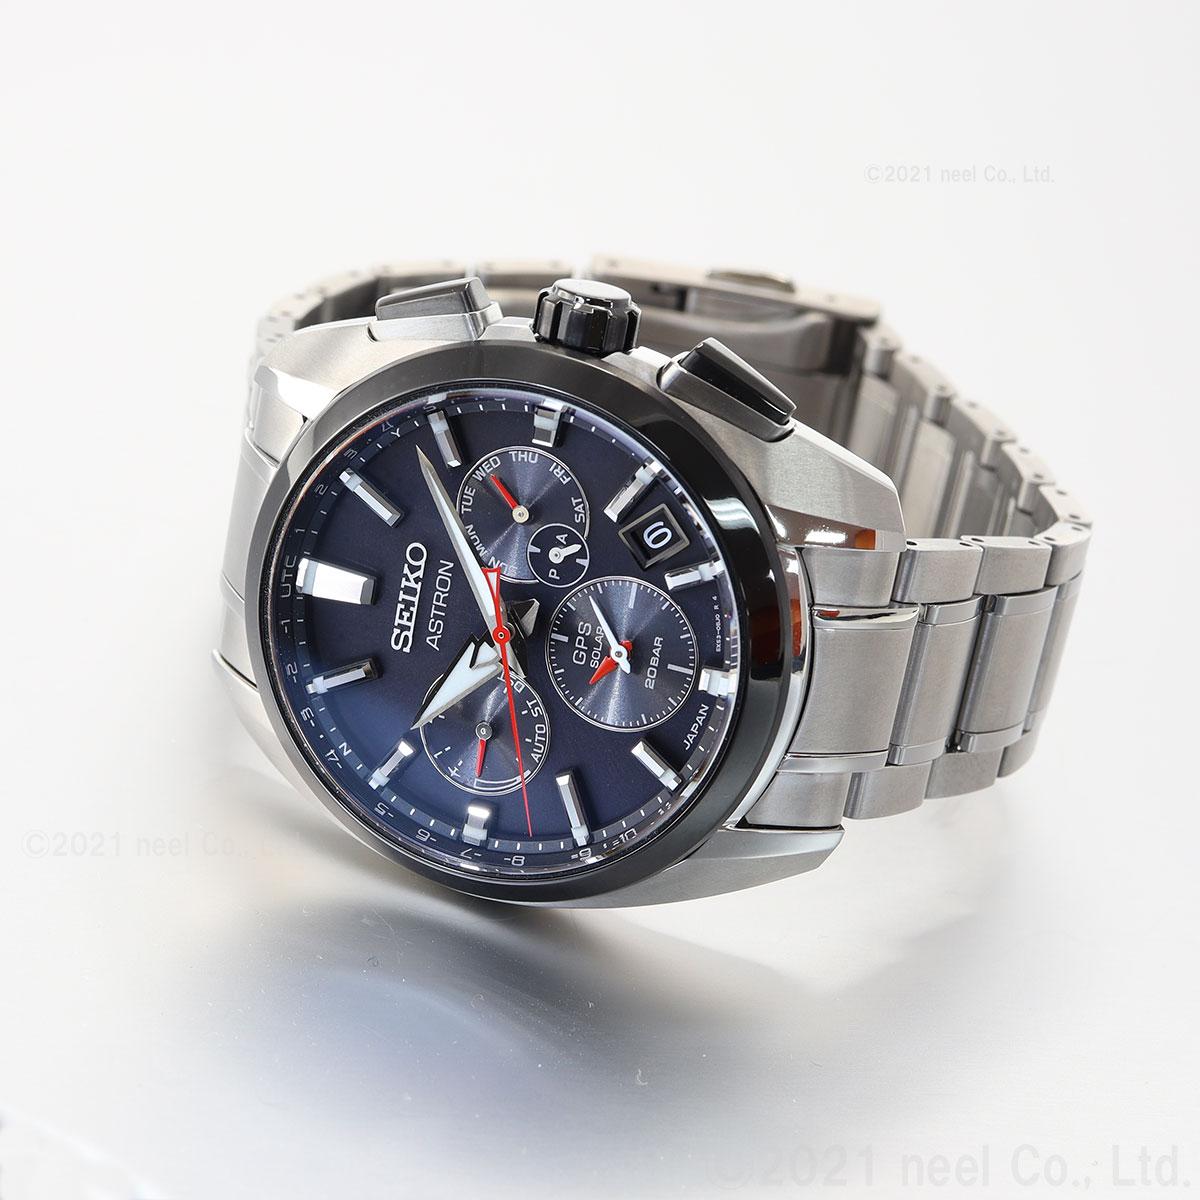 セイコー アストロン SEIKO ASTRON ソーラーGPS衛星電波時計 腕時計 メンズ SBXC103